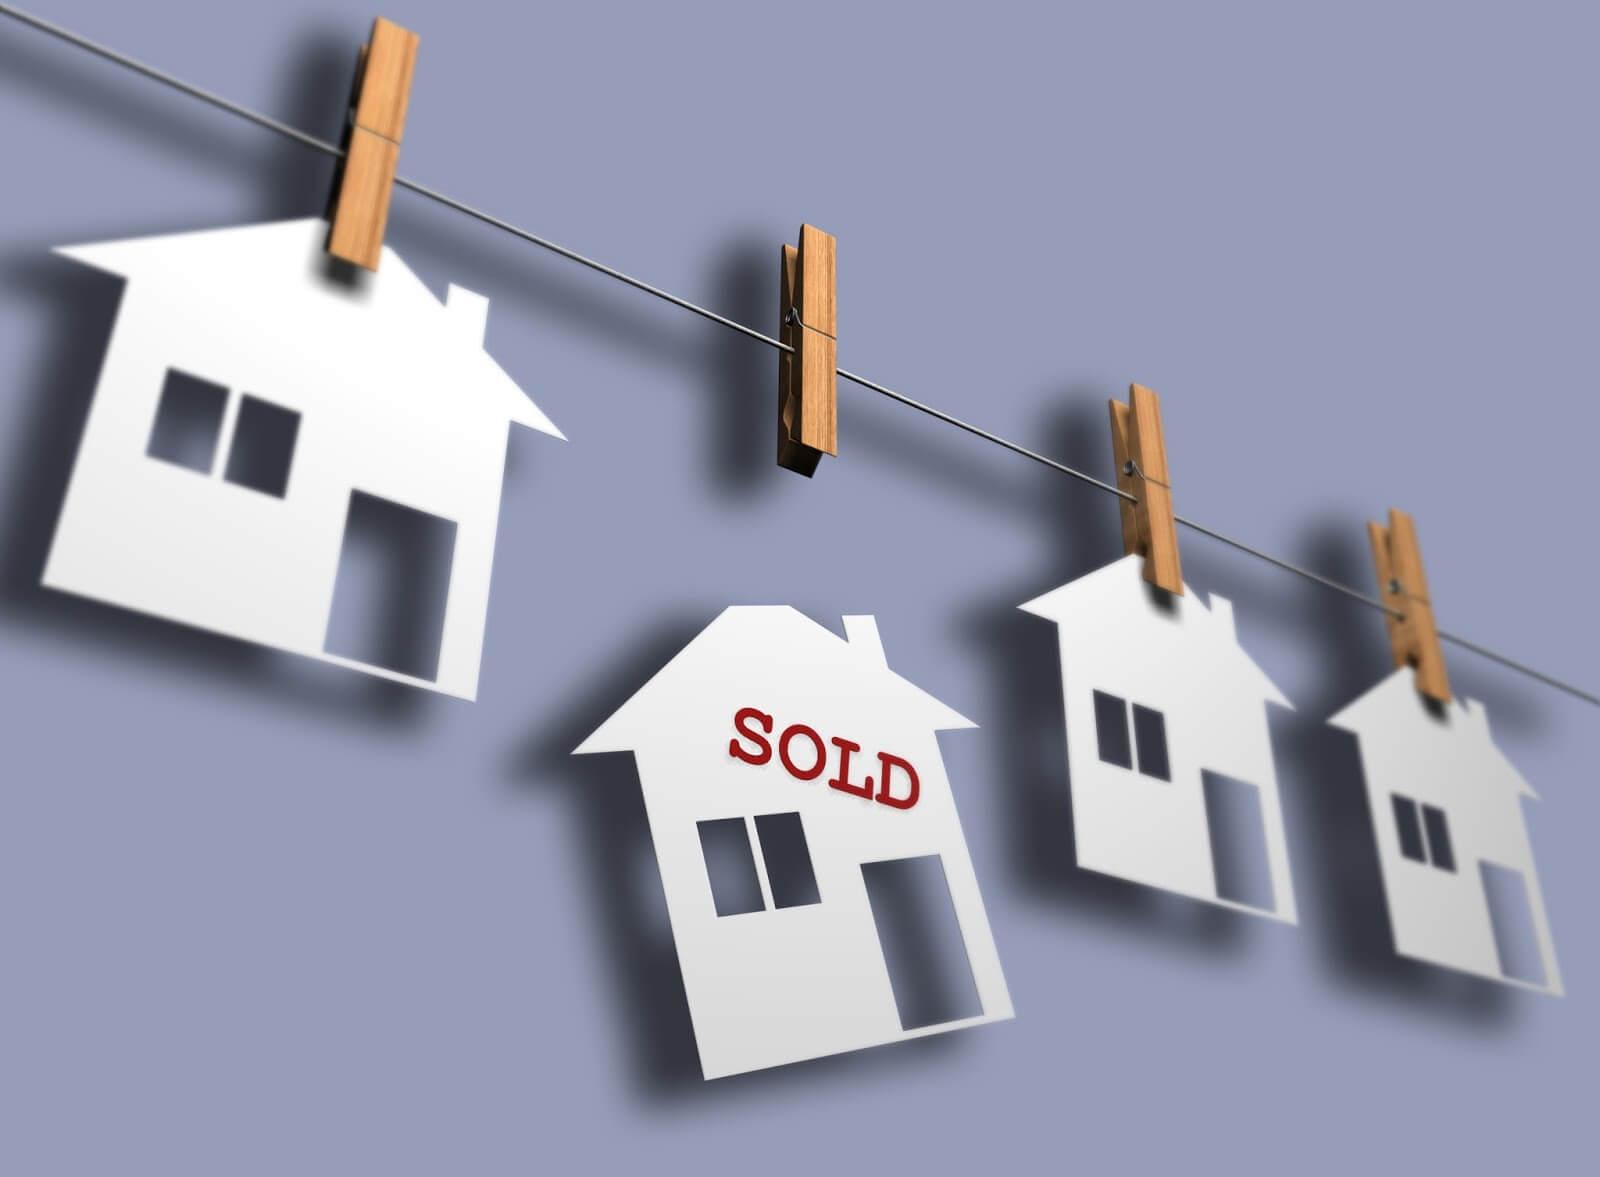 Как купить недвижимость на торгах по банкротству: 9 шагов к выгодной сделке